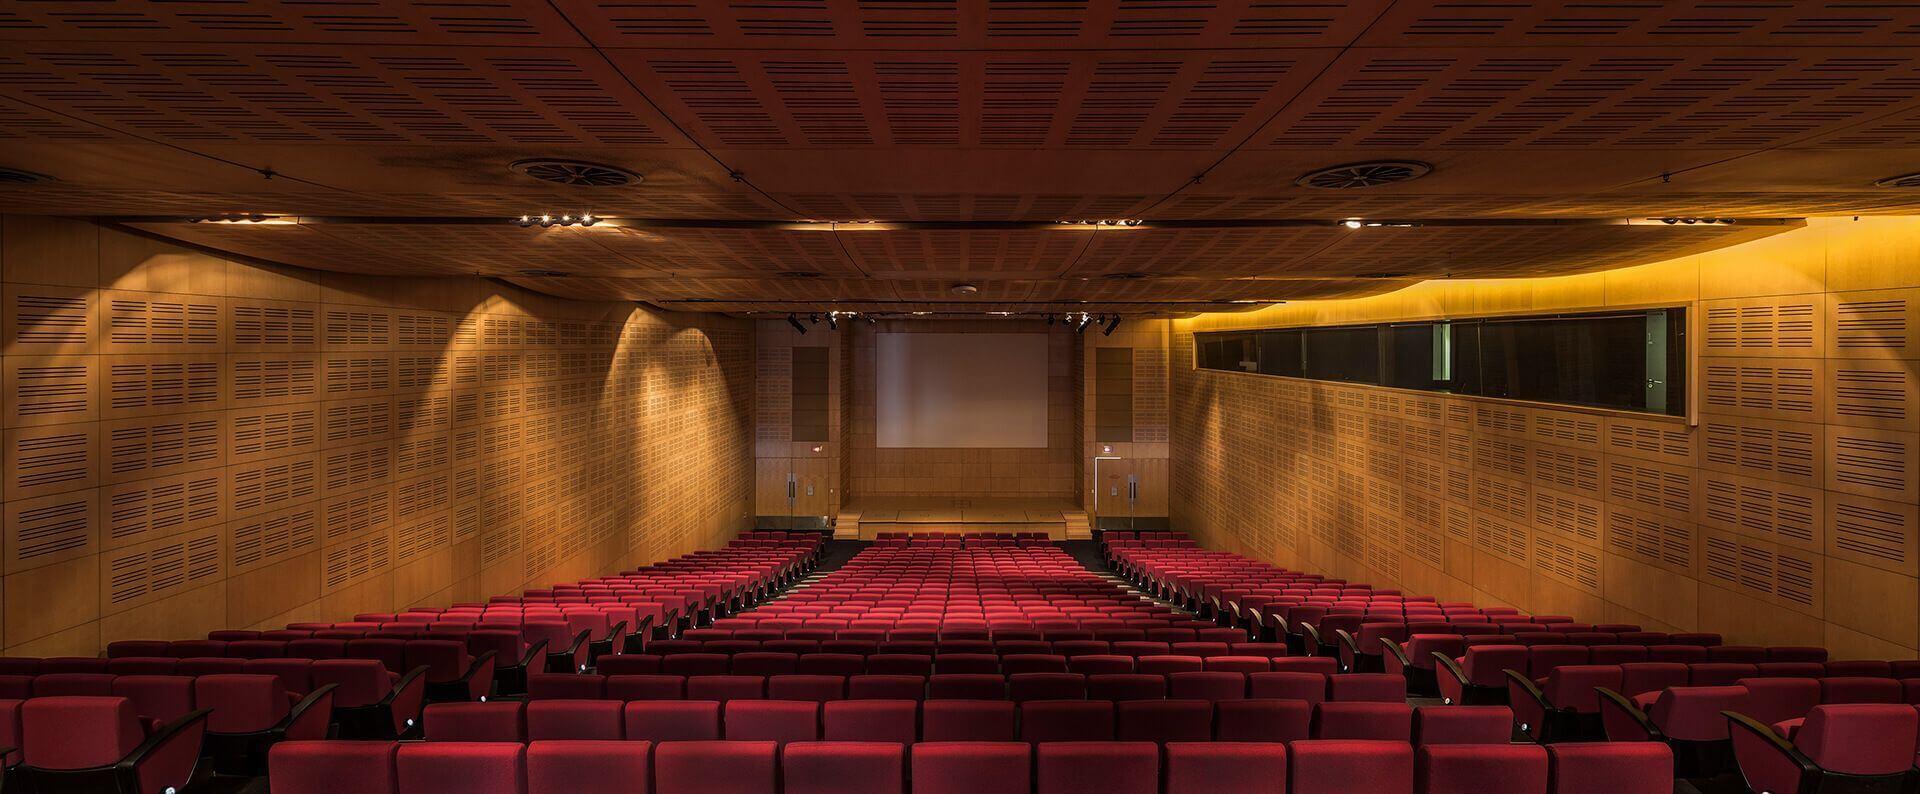 CTICC 1 Auditorium 2